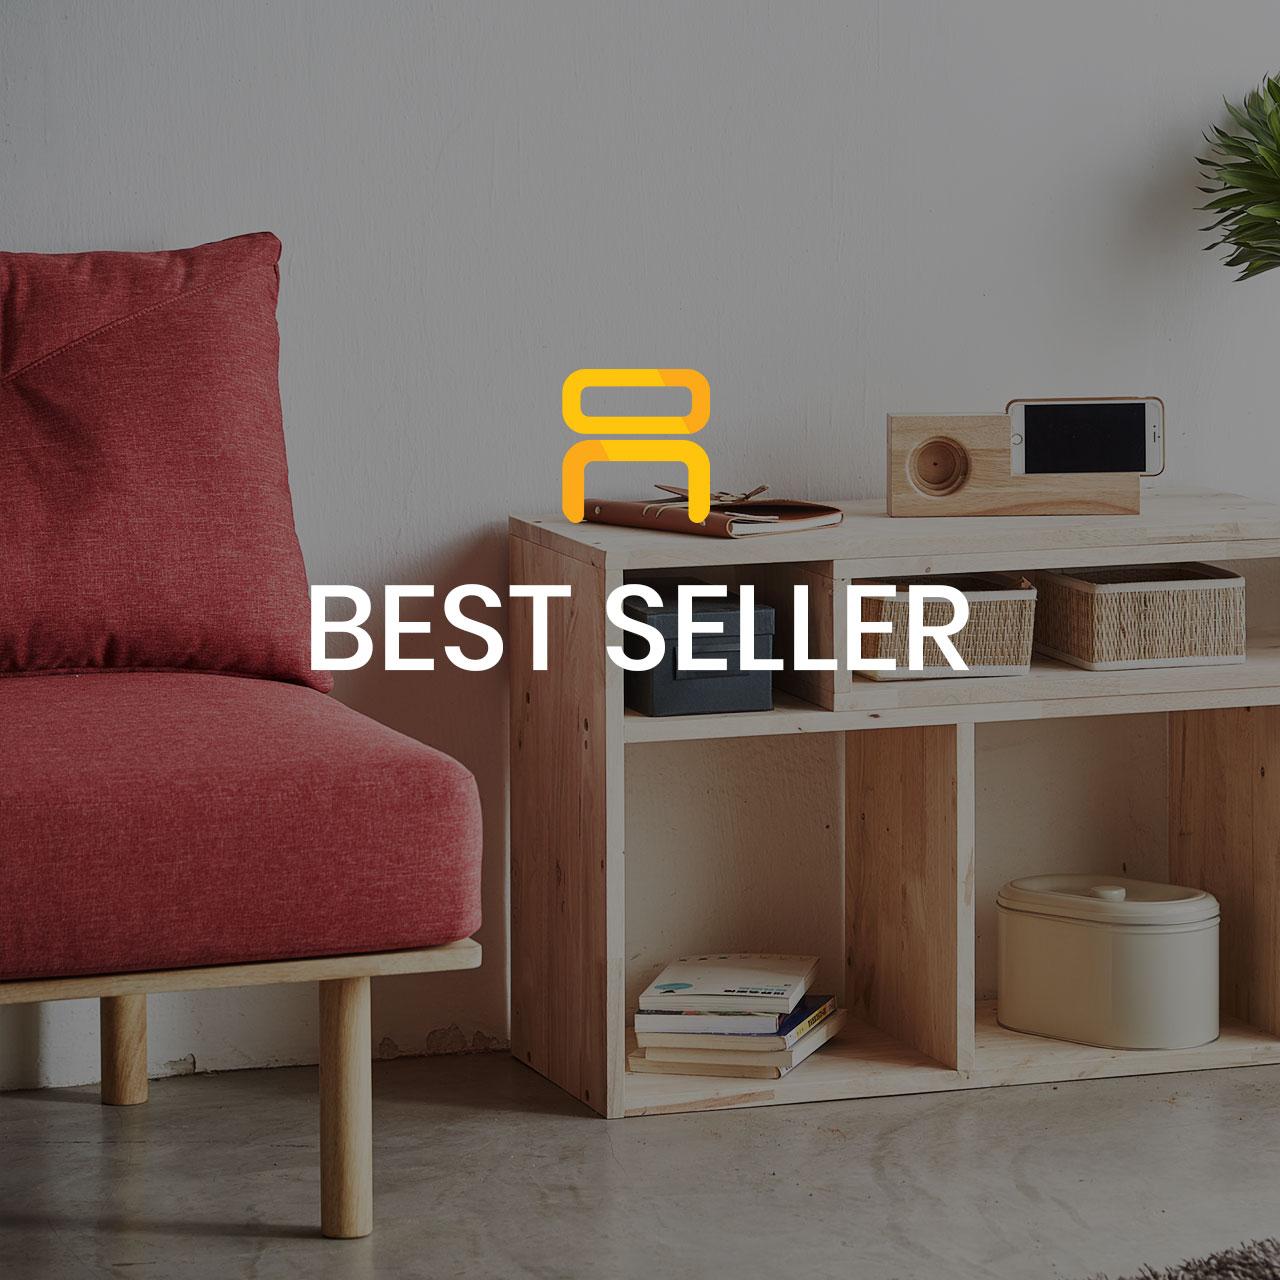 Best Seller Furniture